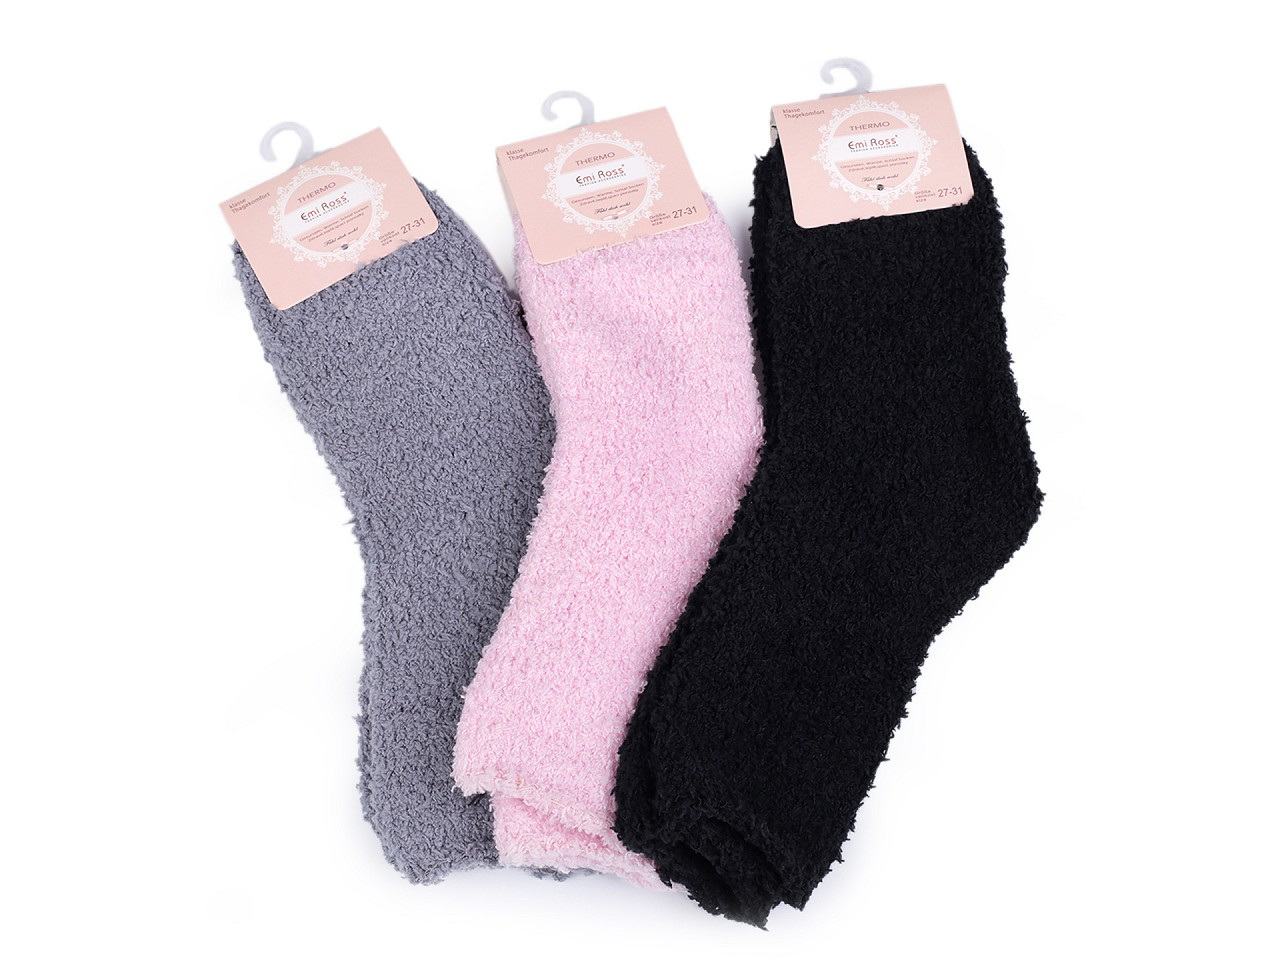 Dětské froté ponožky, barva (vel. 27-31) mix č. 4